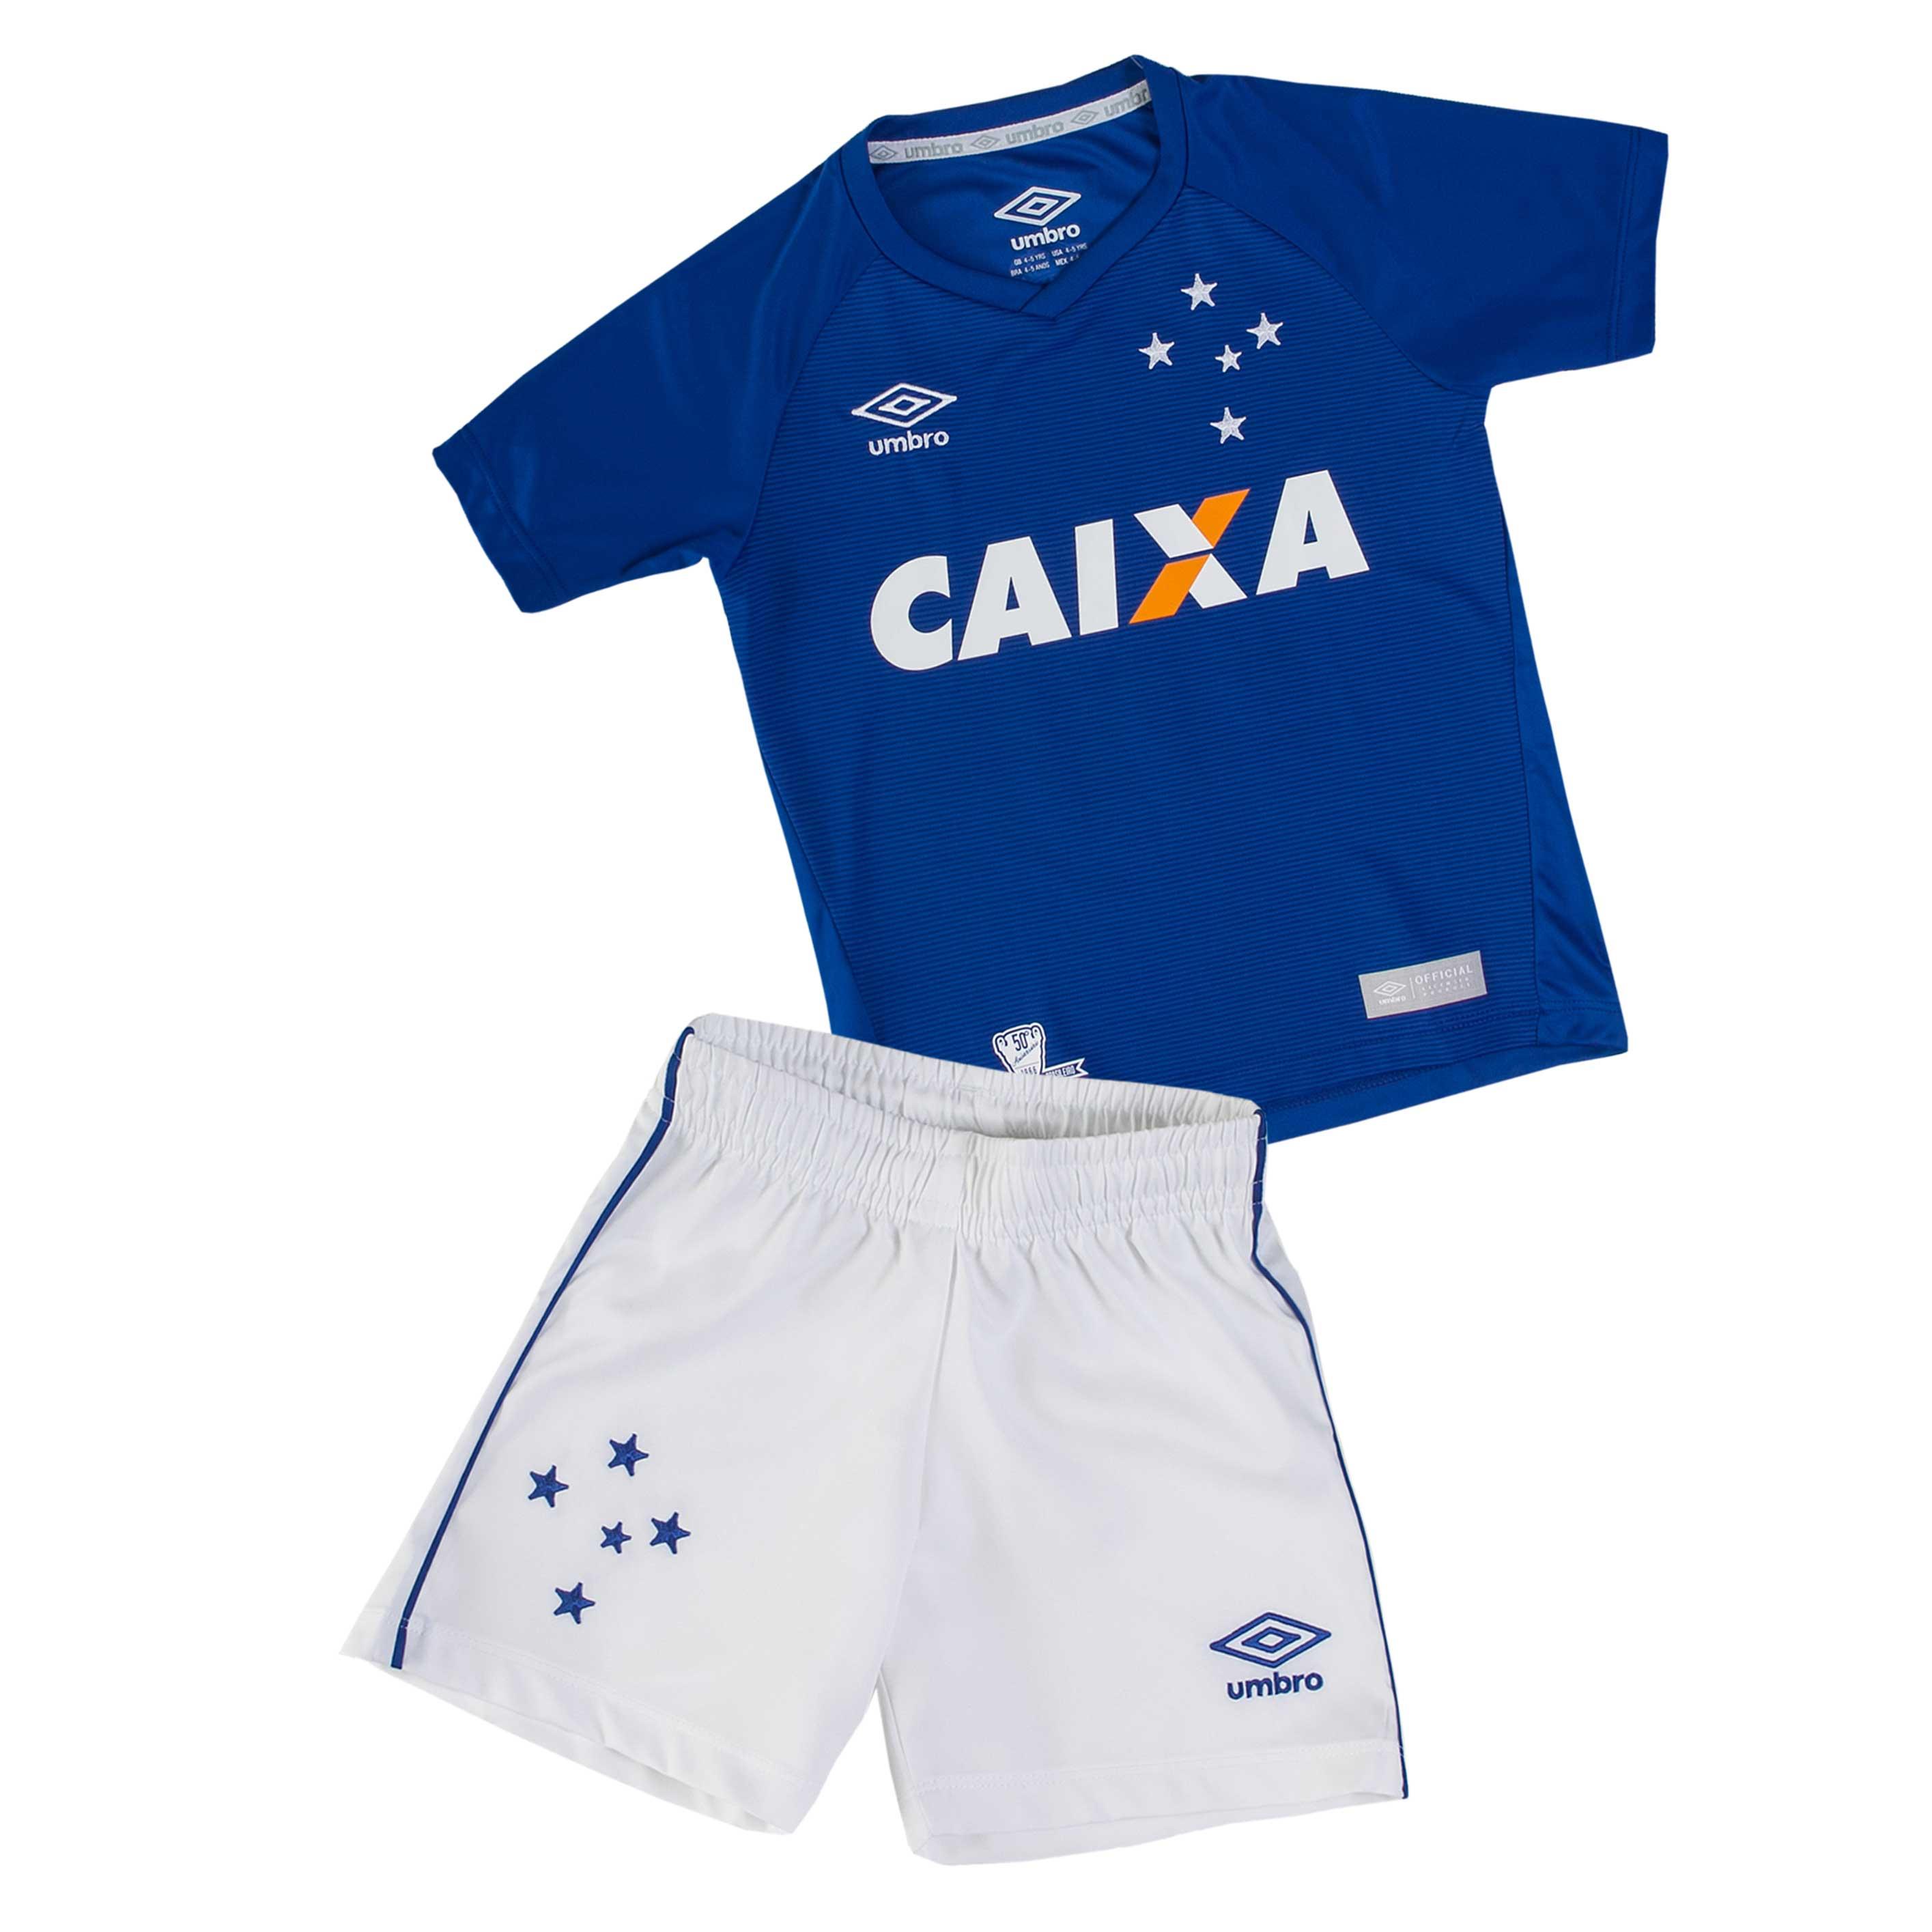 Kit Infantil Umbro Cruzeiro 2016 - Azul Branco  66eb845e95eee